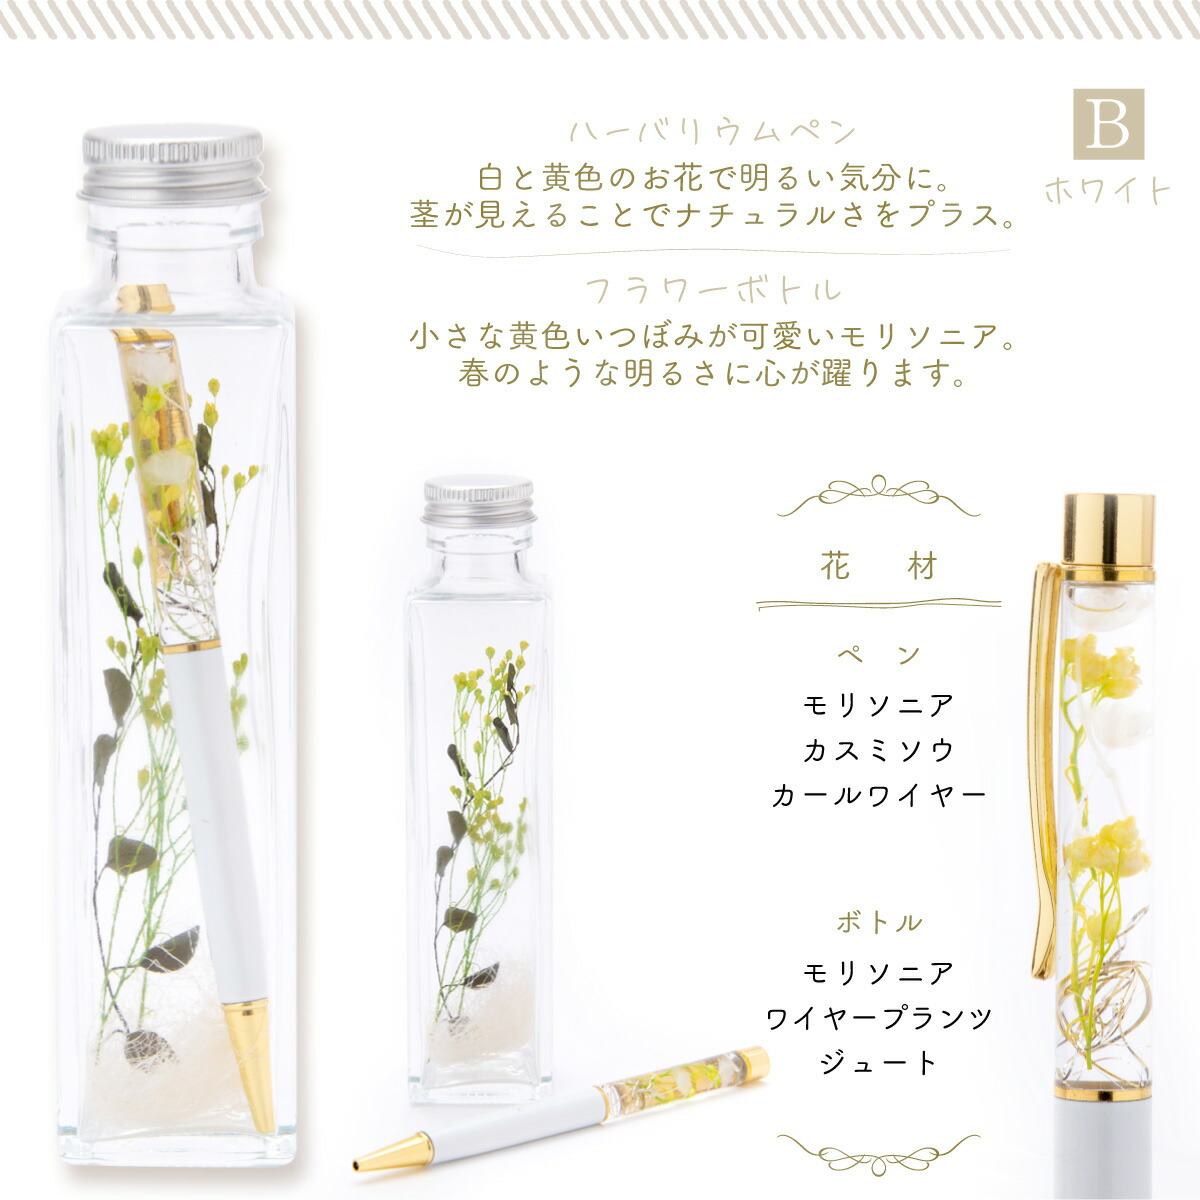 ハーバリウムペンは白と黄色のお花で明るい気分に。茎が見えることでナチュラルさをプラス。フラワーボトルは小さな黄色いつぼみがかわいいモリソニア。春のような明るさに心が踊ります。使用花材は、モリソニア、カールワイヤー、かすみ草、ワイヤープランツ、ジュート